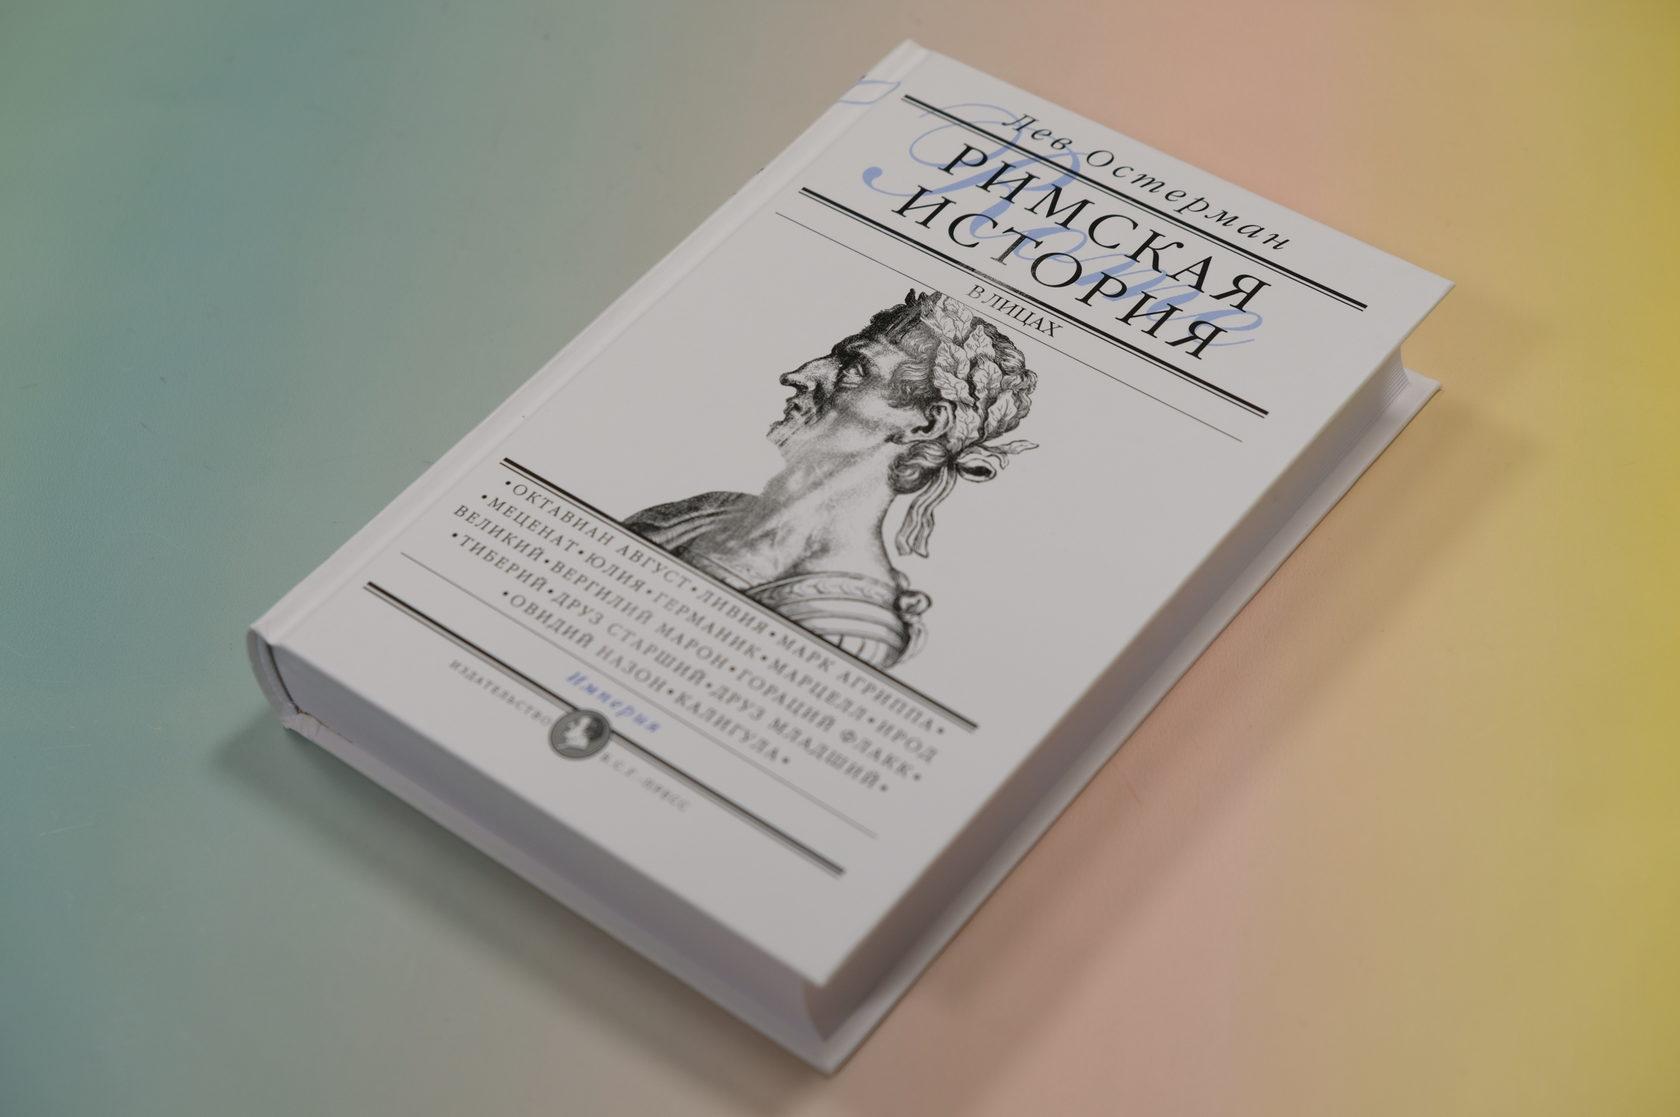 Лев Остерман «Римская история в лицах. Книга 3. Империя»